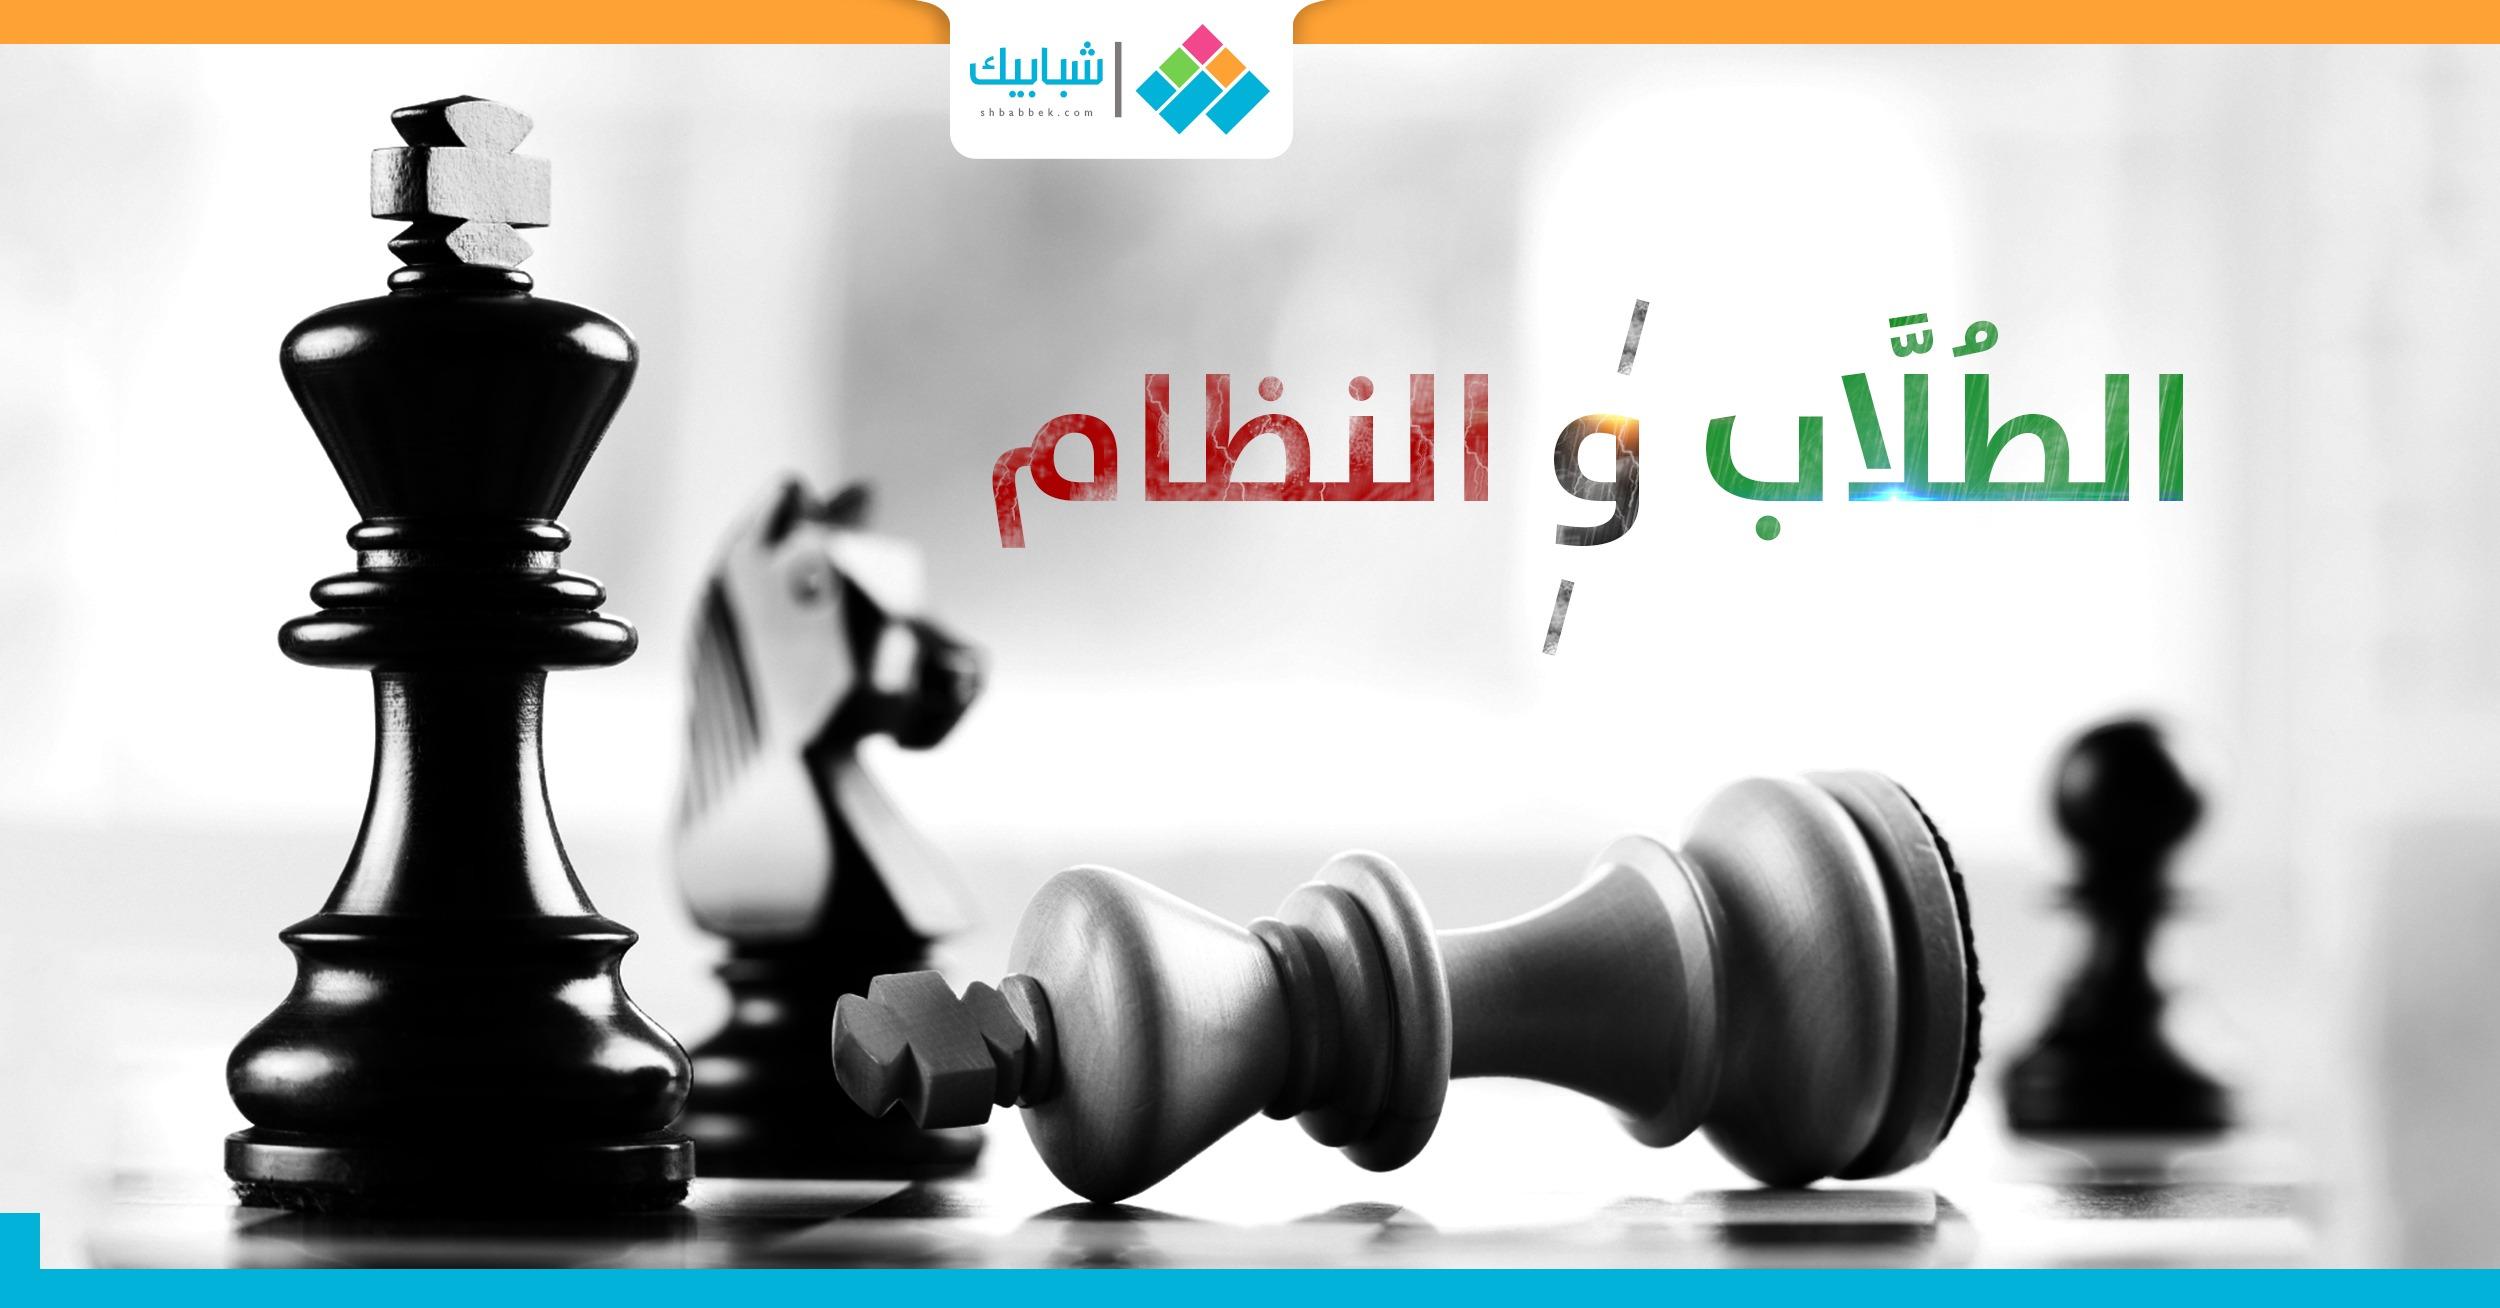 http://shbabbek.com/upload/للقضاء على حراكهم.. النظام يطارد طلاب بالجامعات فهل ينجح؟